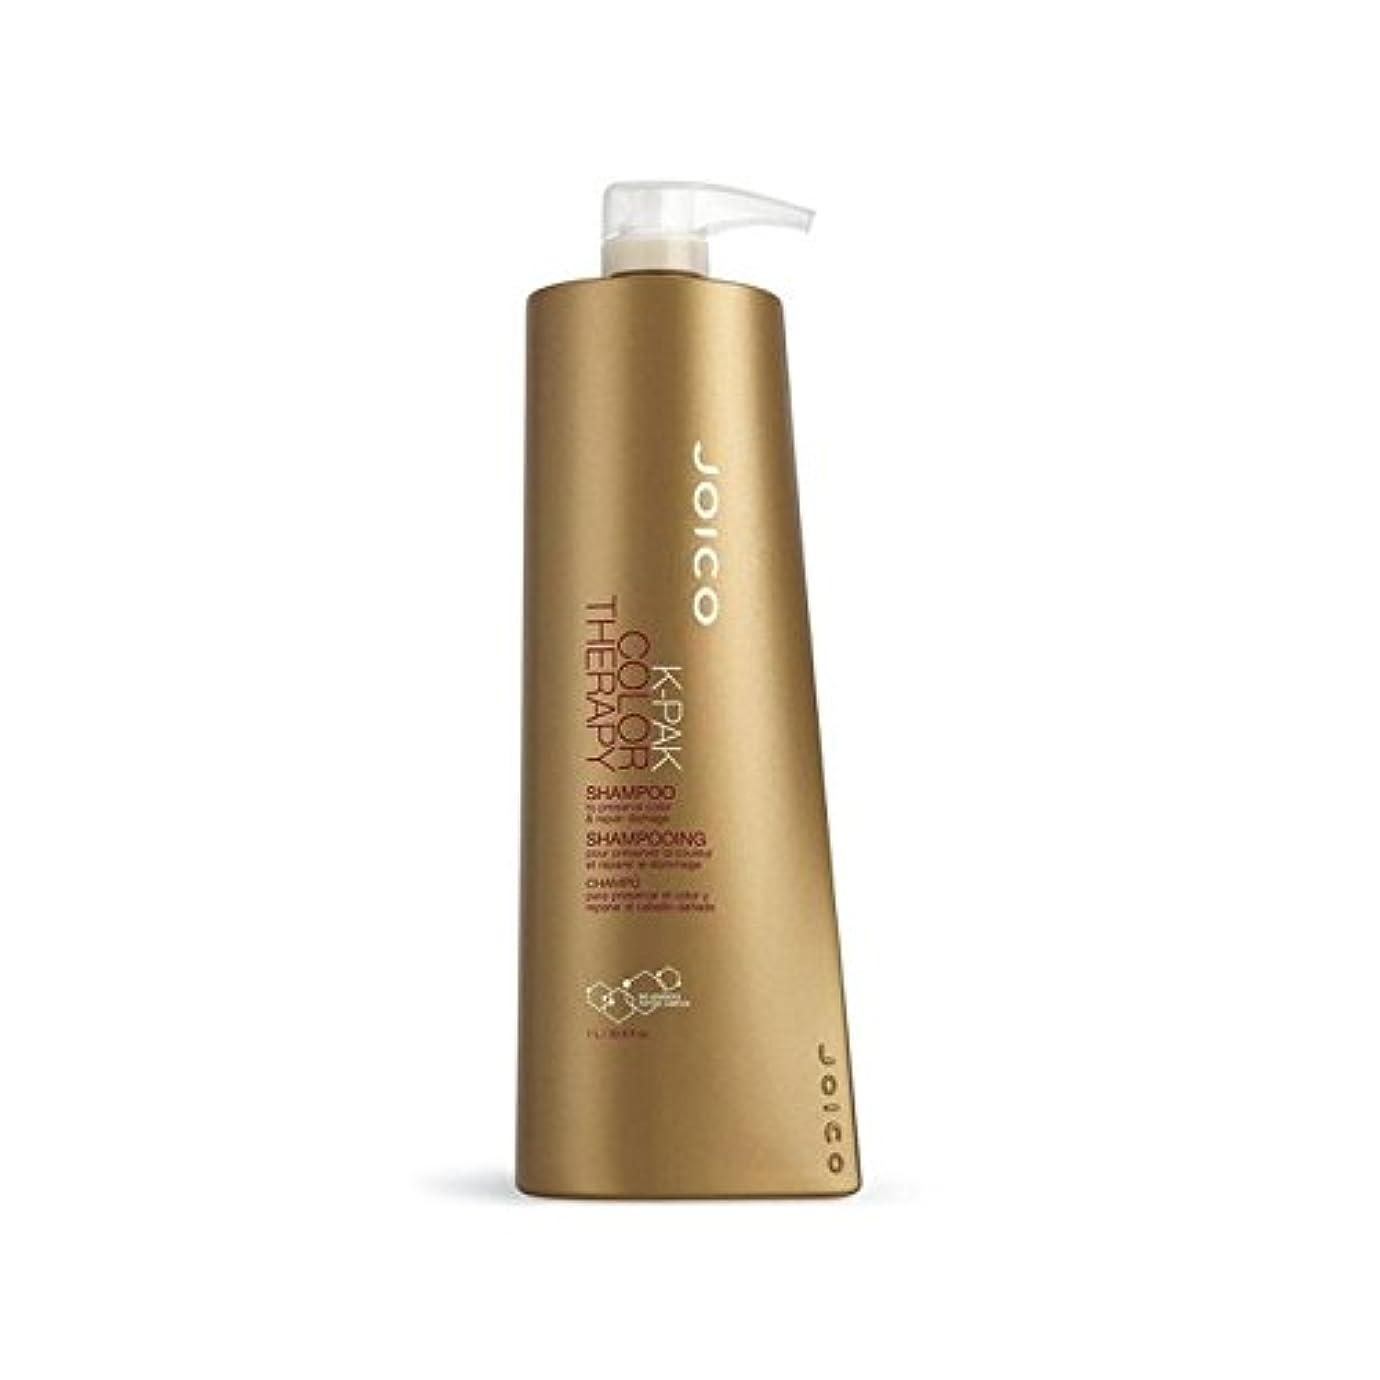 一晩悪性ローブジョイコ-のカラーセラピーシャンプー(千ミリリットル) x2 - Joico K-Pak Color Therapy Shampoo (1000ml) (Pack of 2) [並行輸入品]